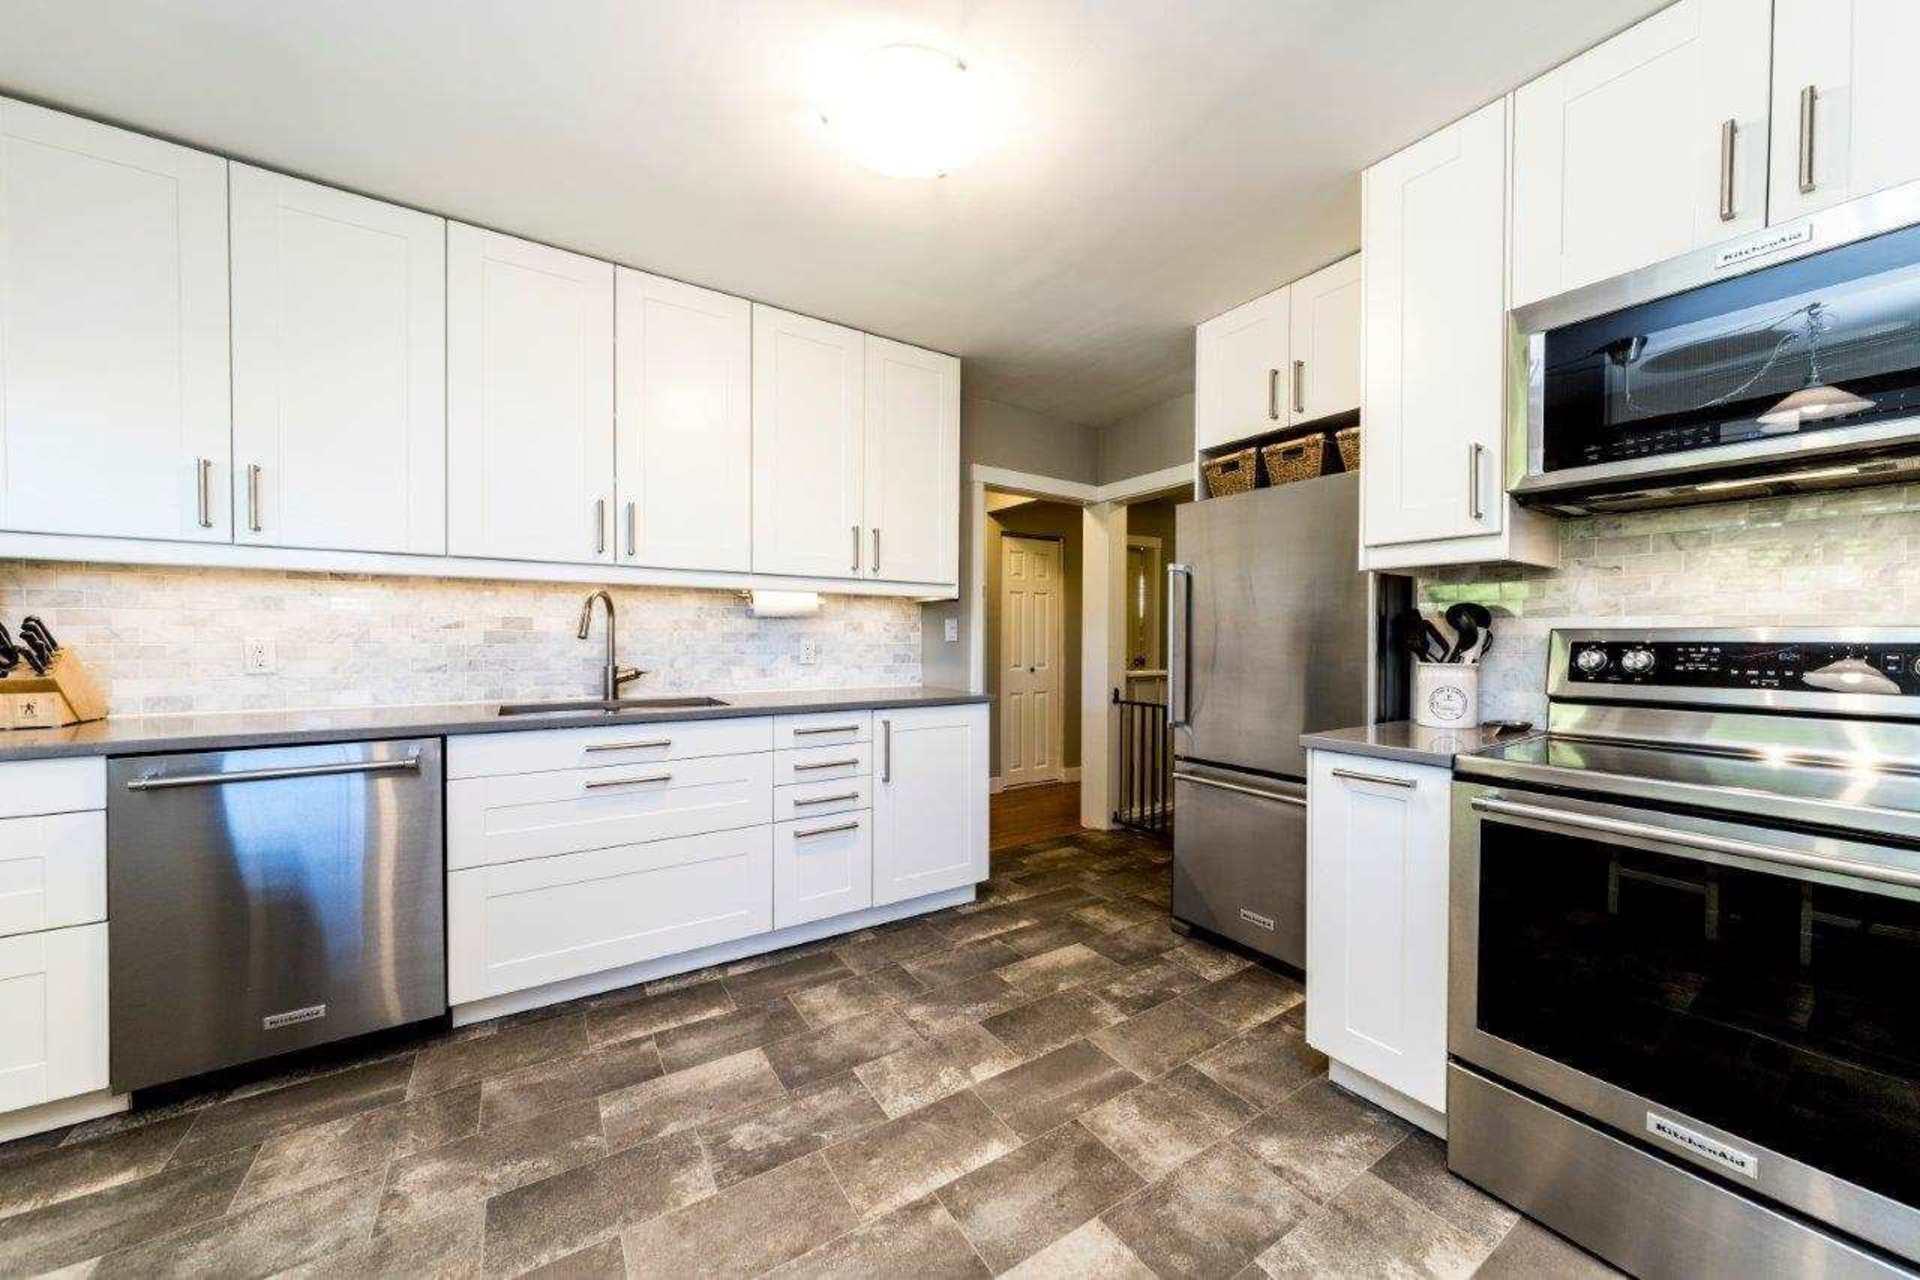 2421-jones-avenue-central-lonsdale-north-vancouver-12 at 2421 Jones Avenue, Central Lonsdale, North Vancouver